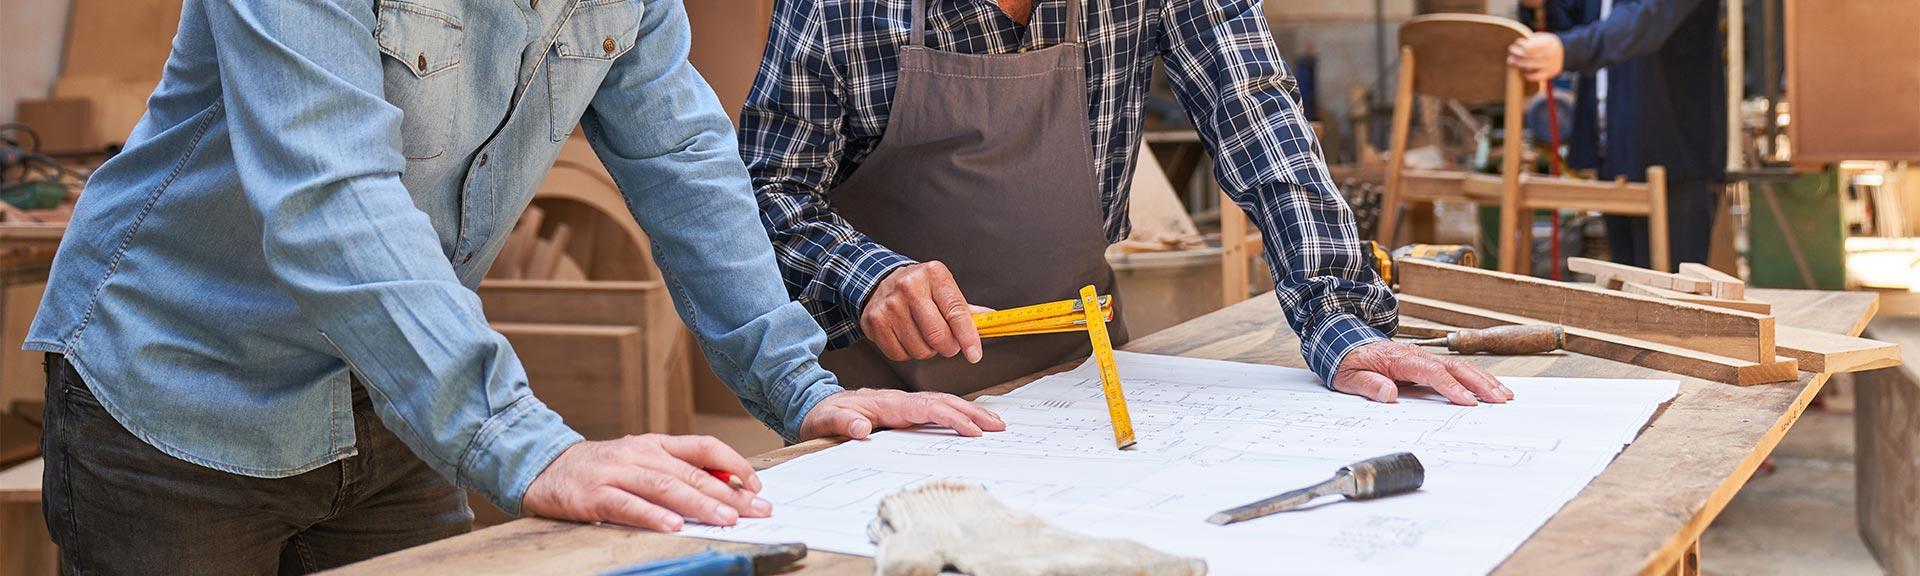 Handwerker und Tischlerauszubildender diskutieren über einen Bauprojekt-Entwurf